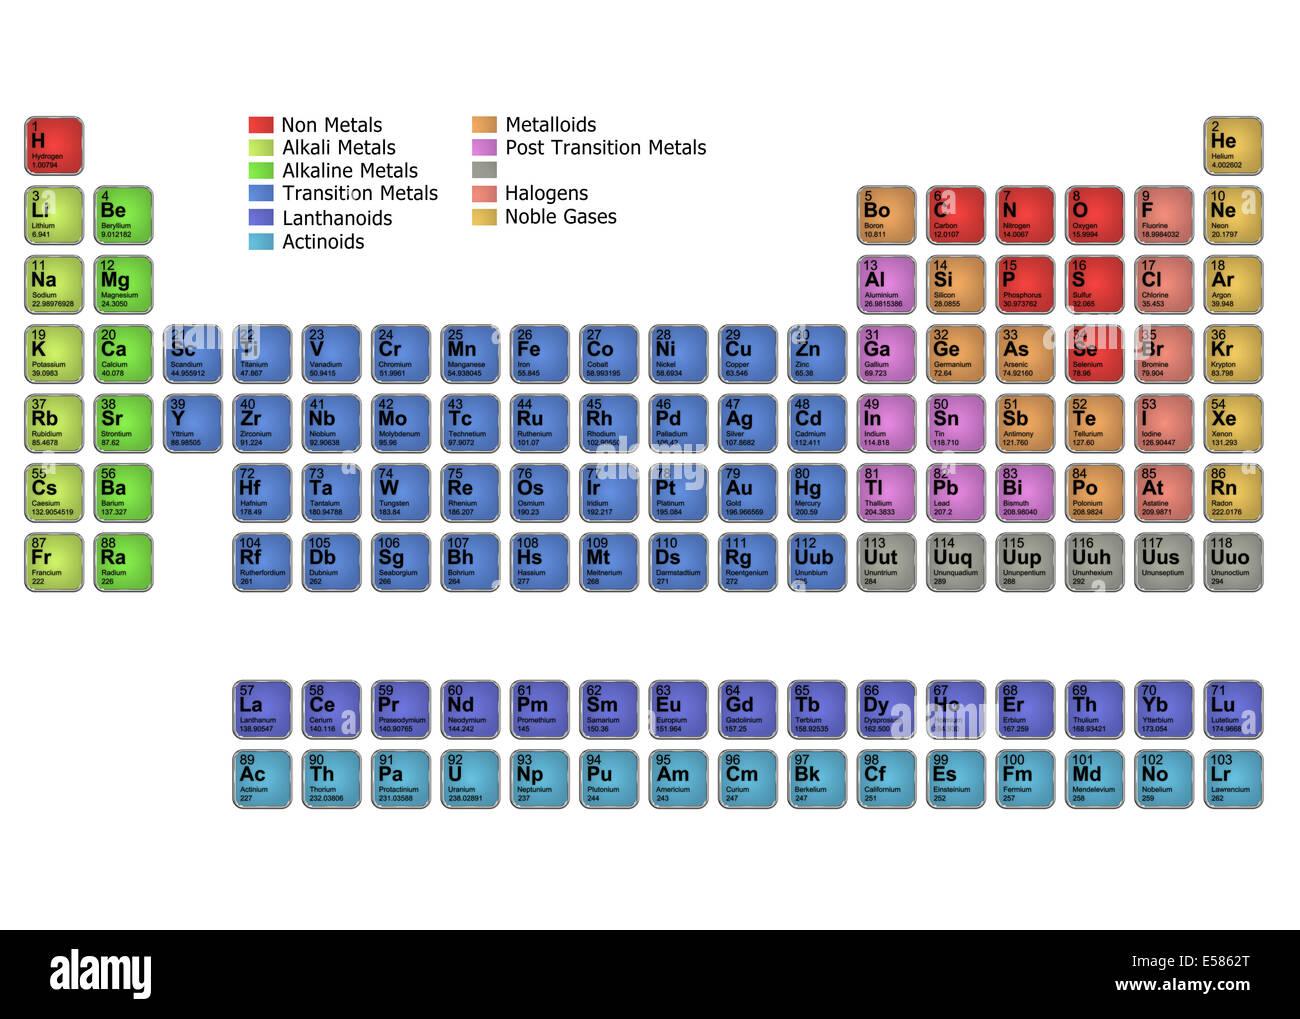 Diagram Periodic Table Elements Stock Photos & Diagram Periodic ...